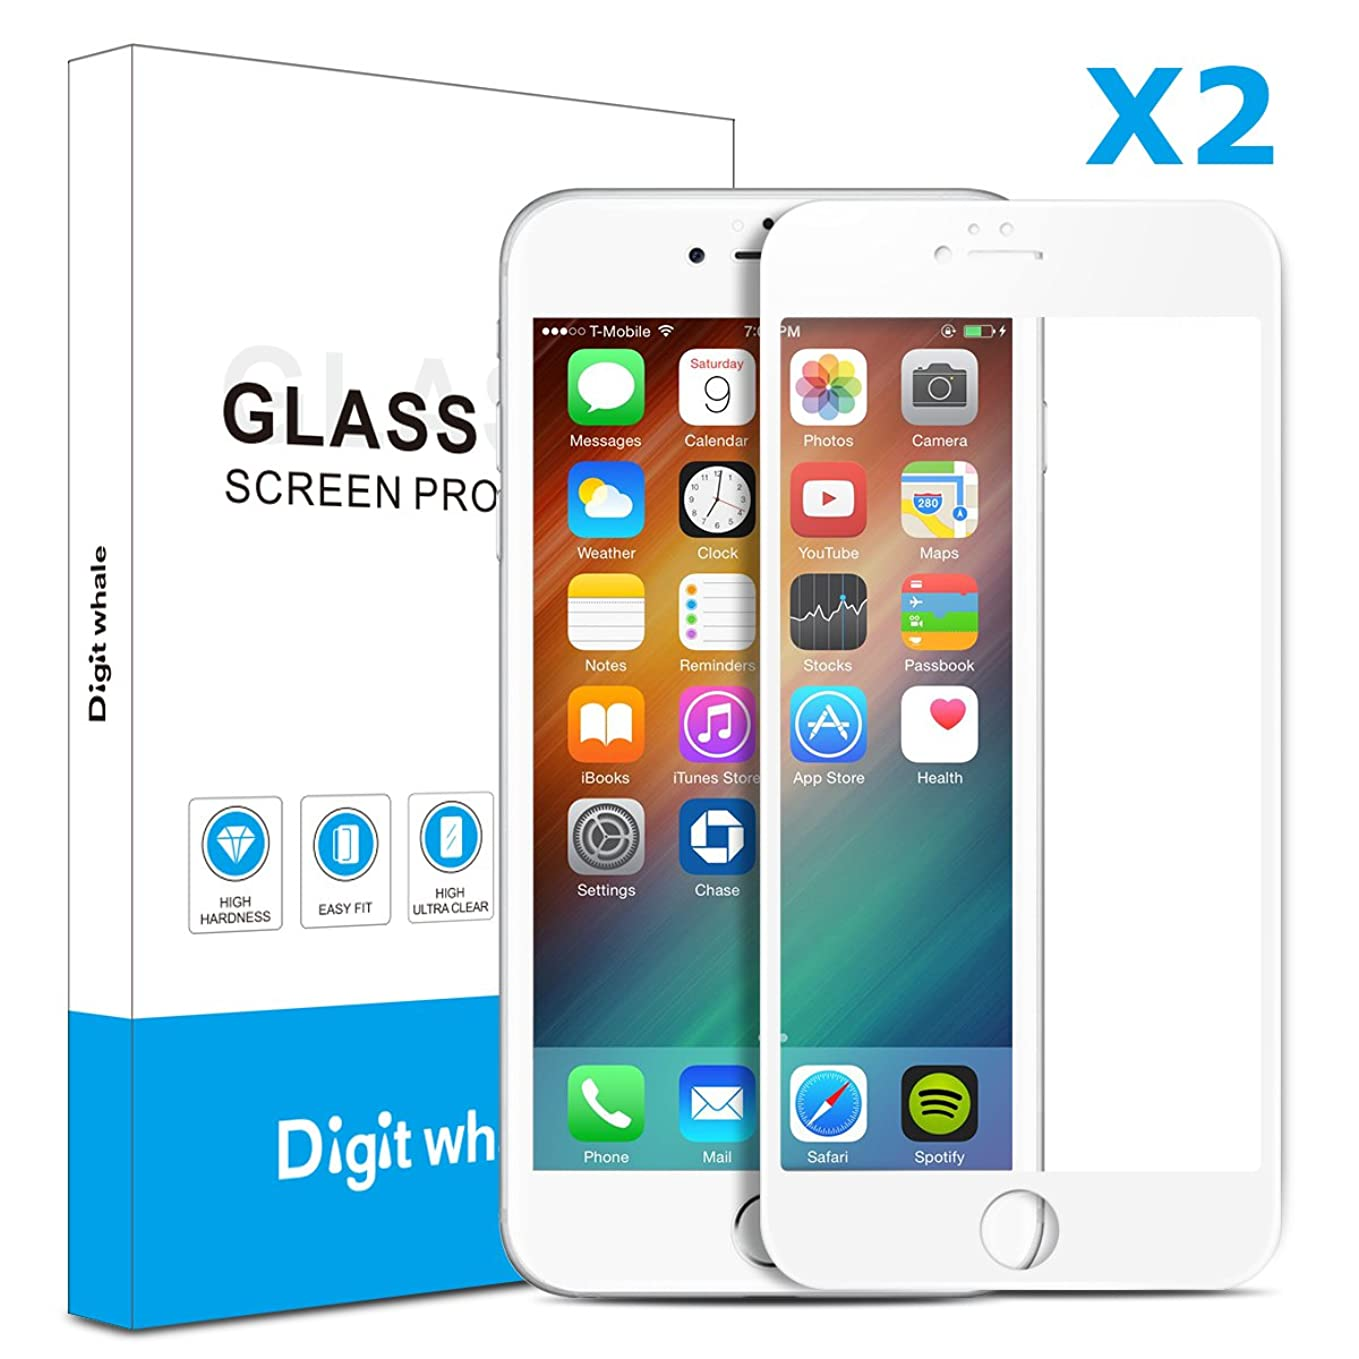 【2枚セット】Iphone6/6s(白)用ガラスフィルム 3D曲面炭素繊維ソフトエッジ 高硬度9H 超薄 気泡防止 ディスプレー全面カバー  Digit Whale